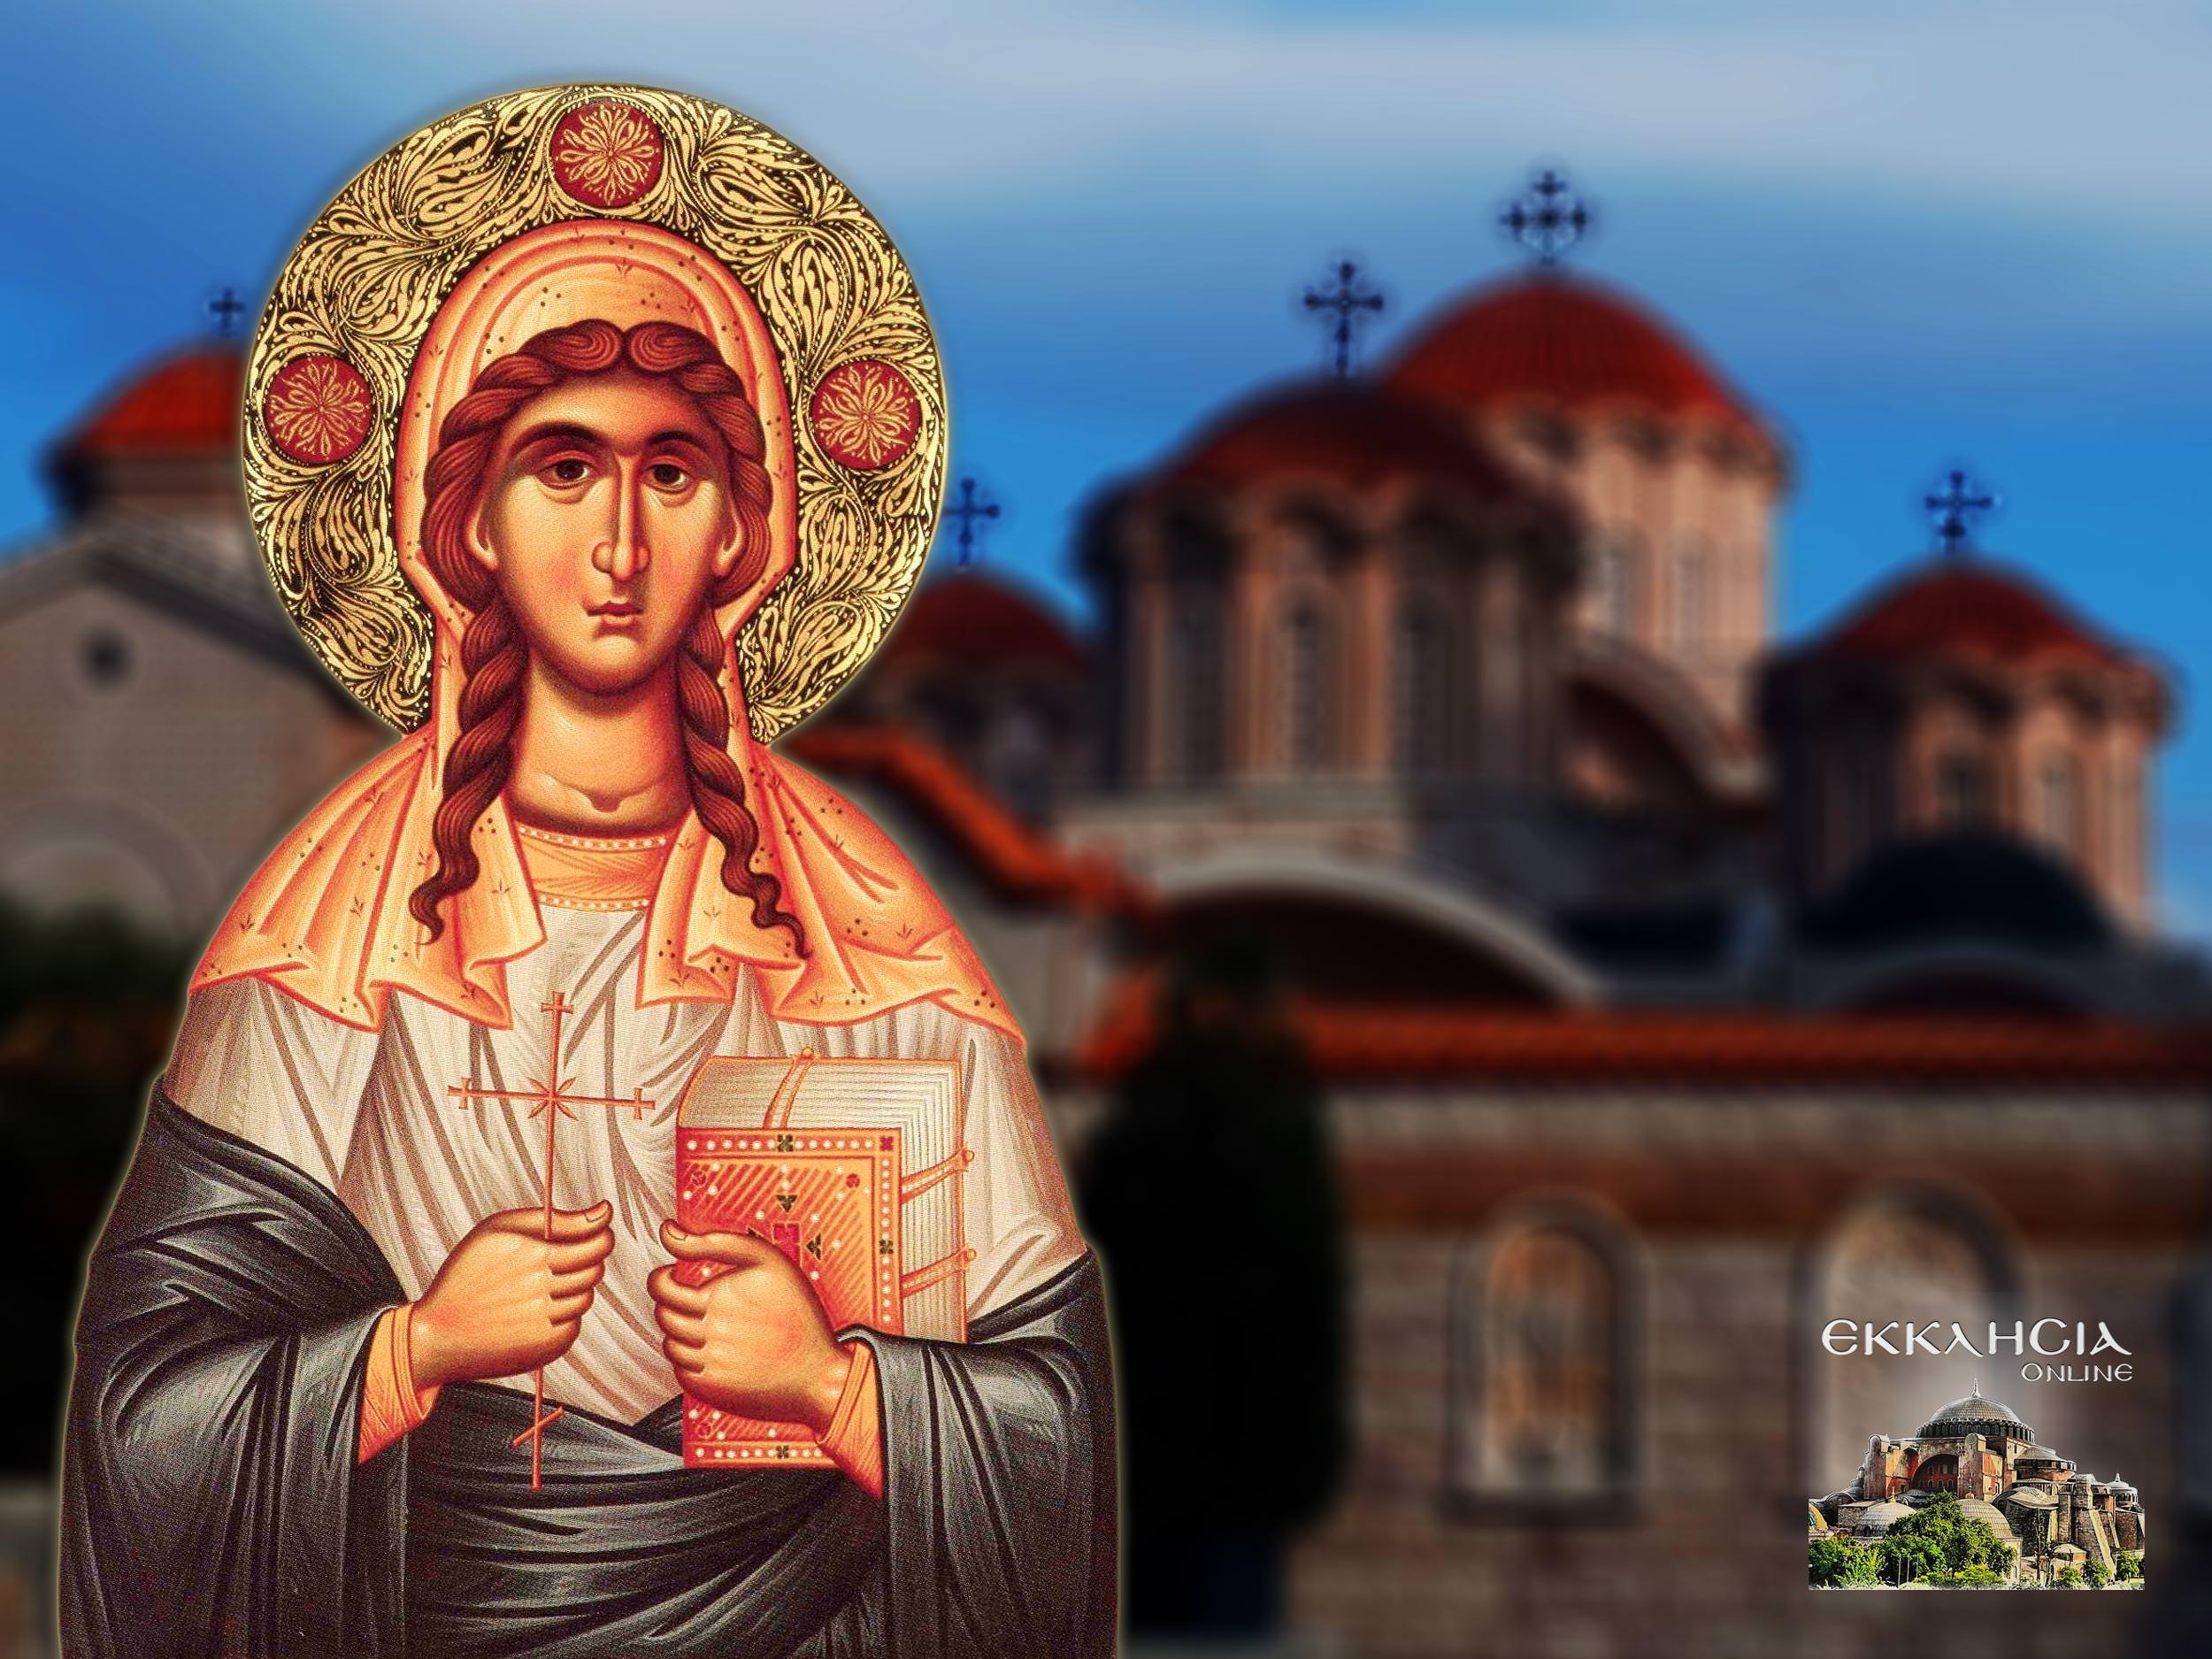 Αγία Θέκλα η Ισαπόστολος 24 Σεπτεμβρίου